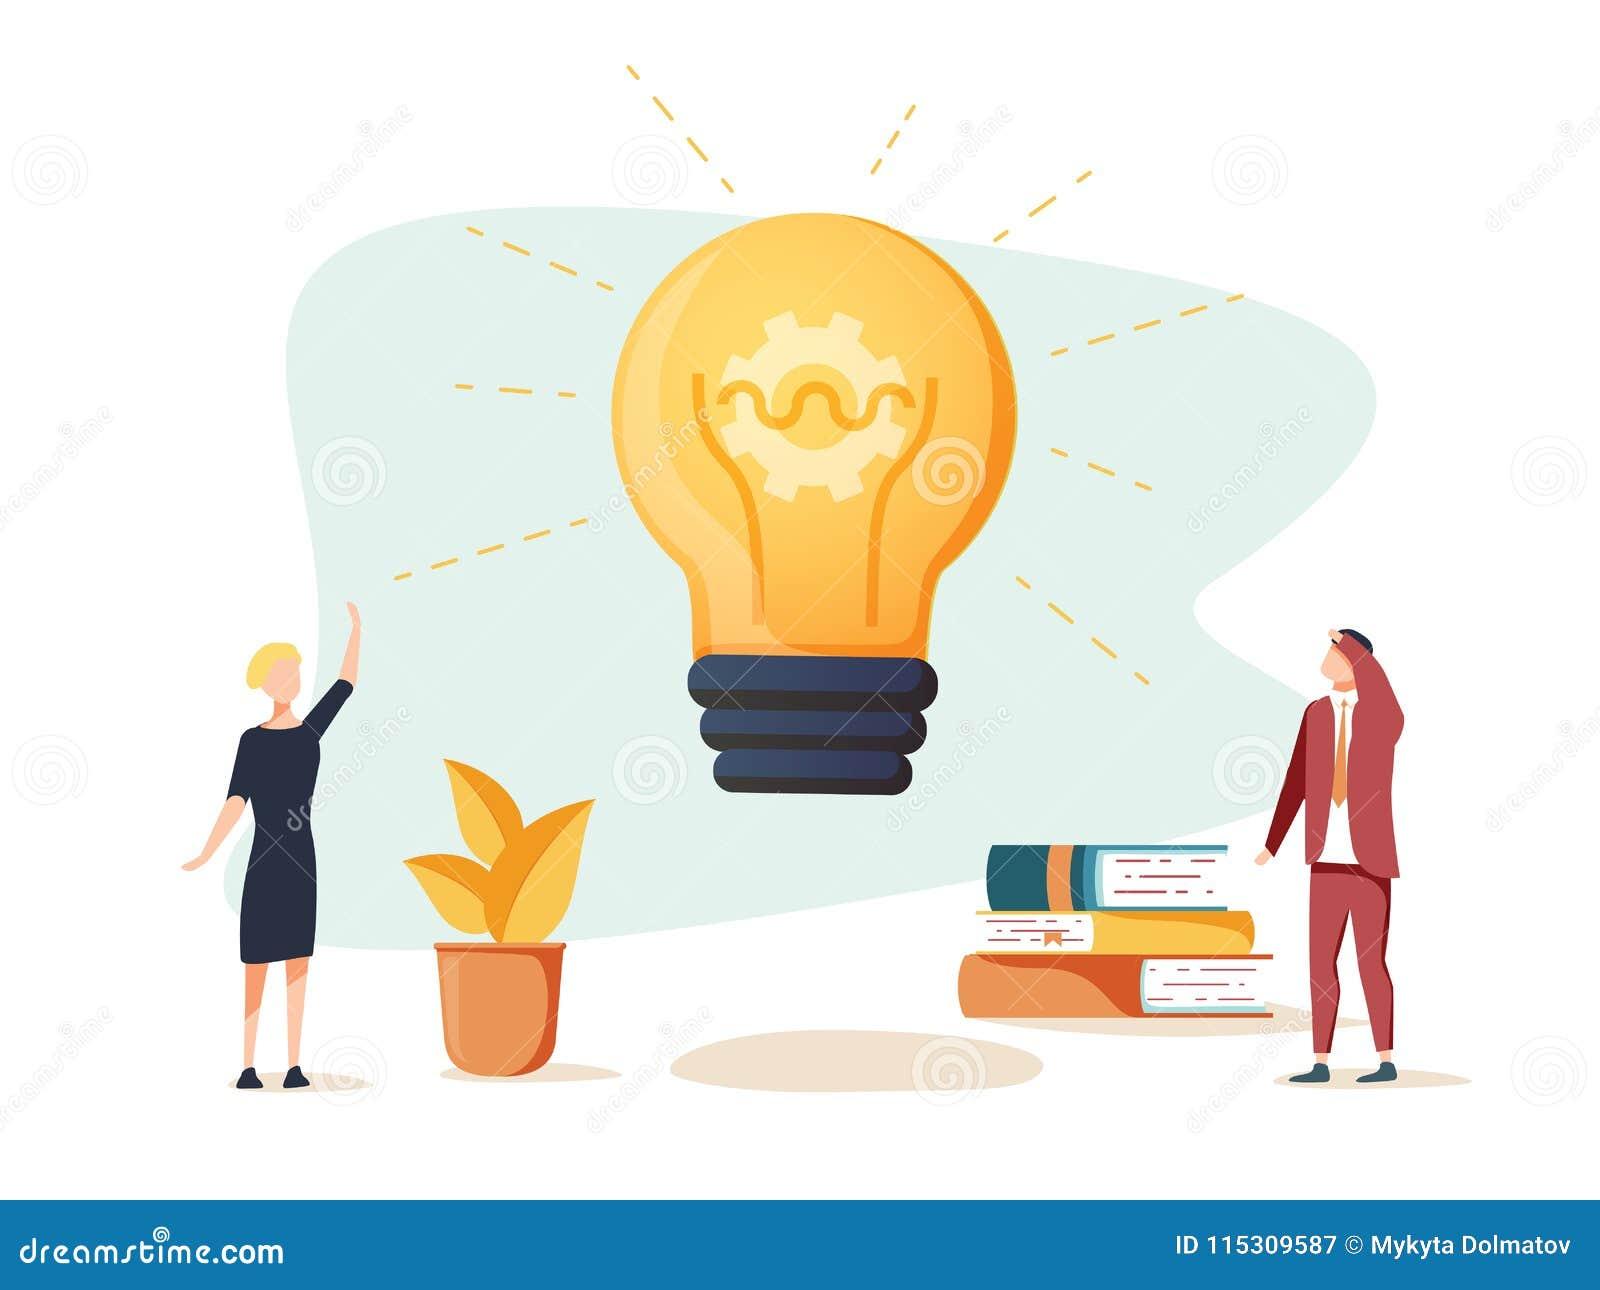 Vector vlakke illustratie, commerciële vergadering en brainstorming, bedrijfsconcept voor groepswerk, het zoeken